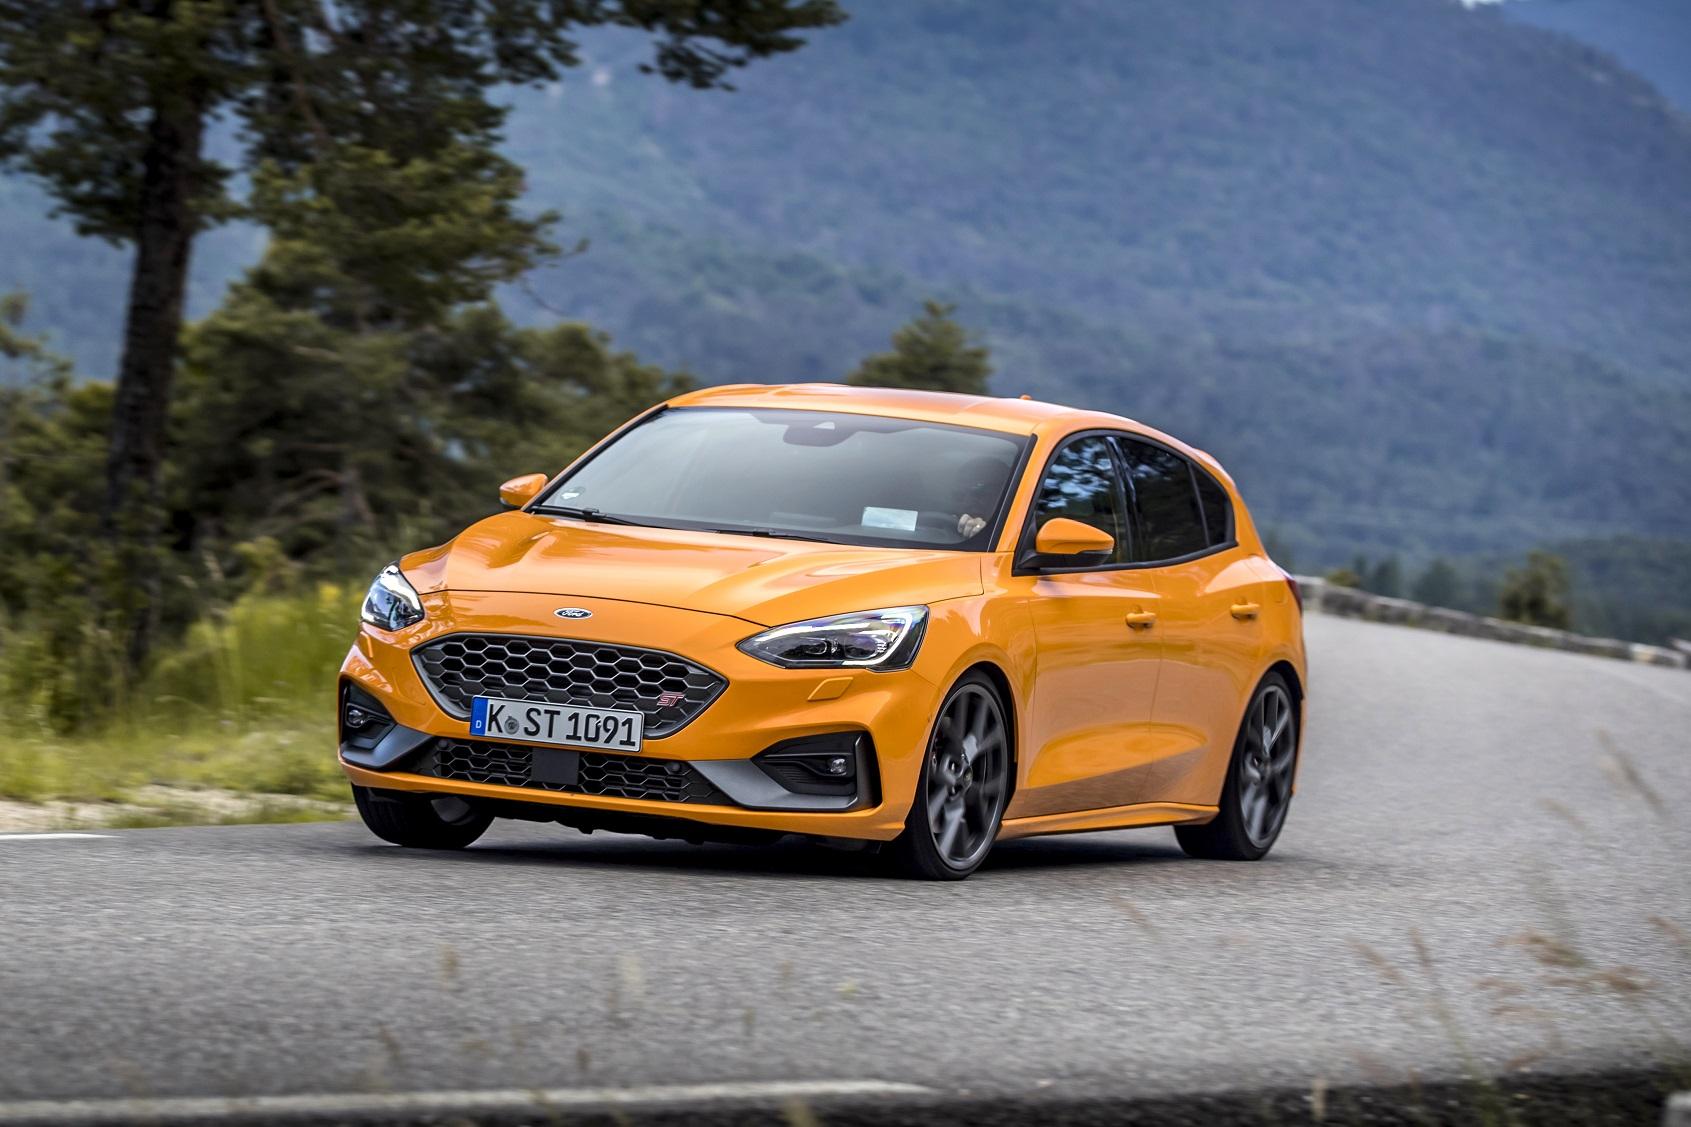 Ford Focus ST está à venda em Portugal por €41.728